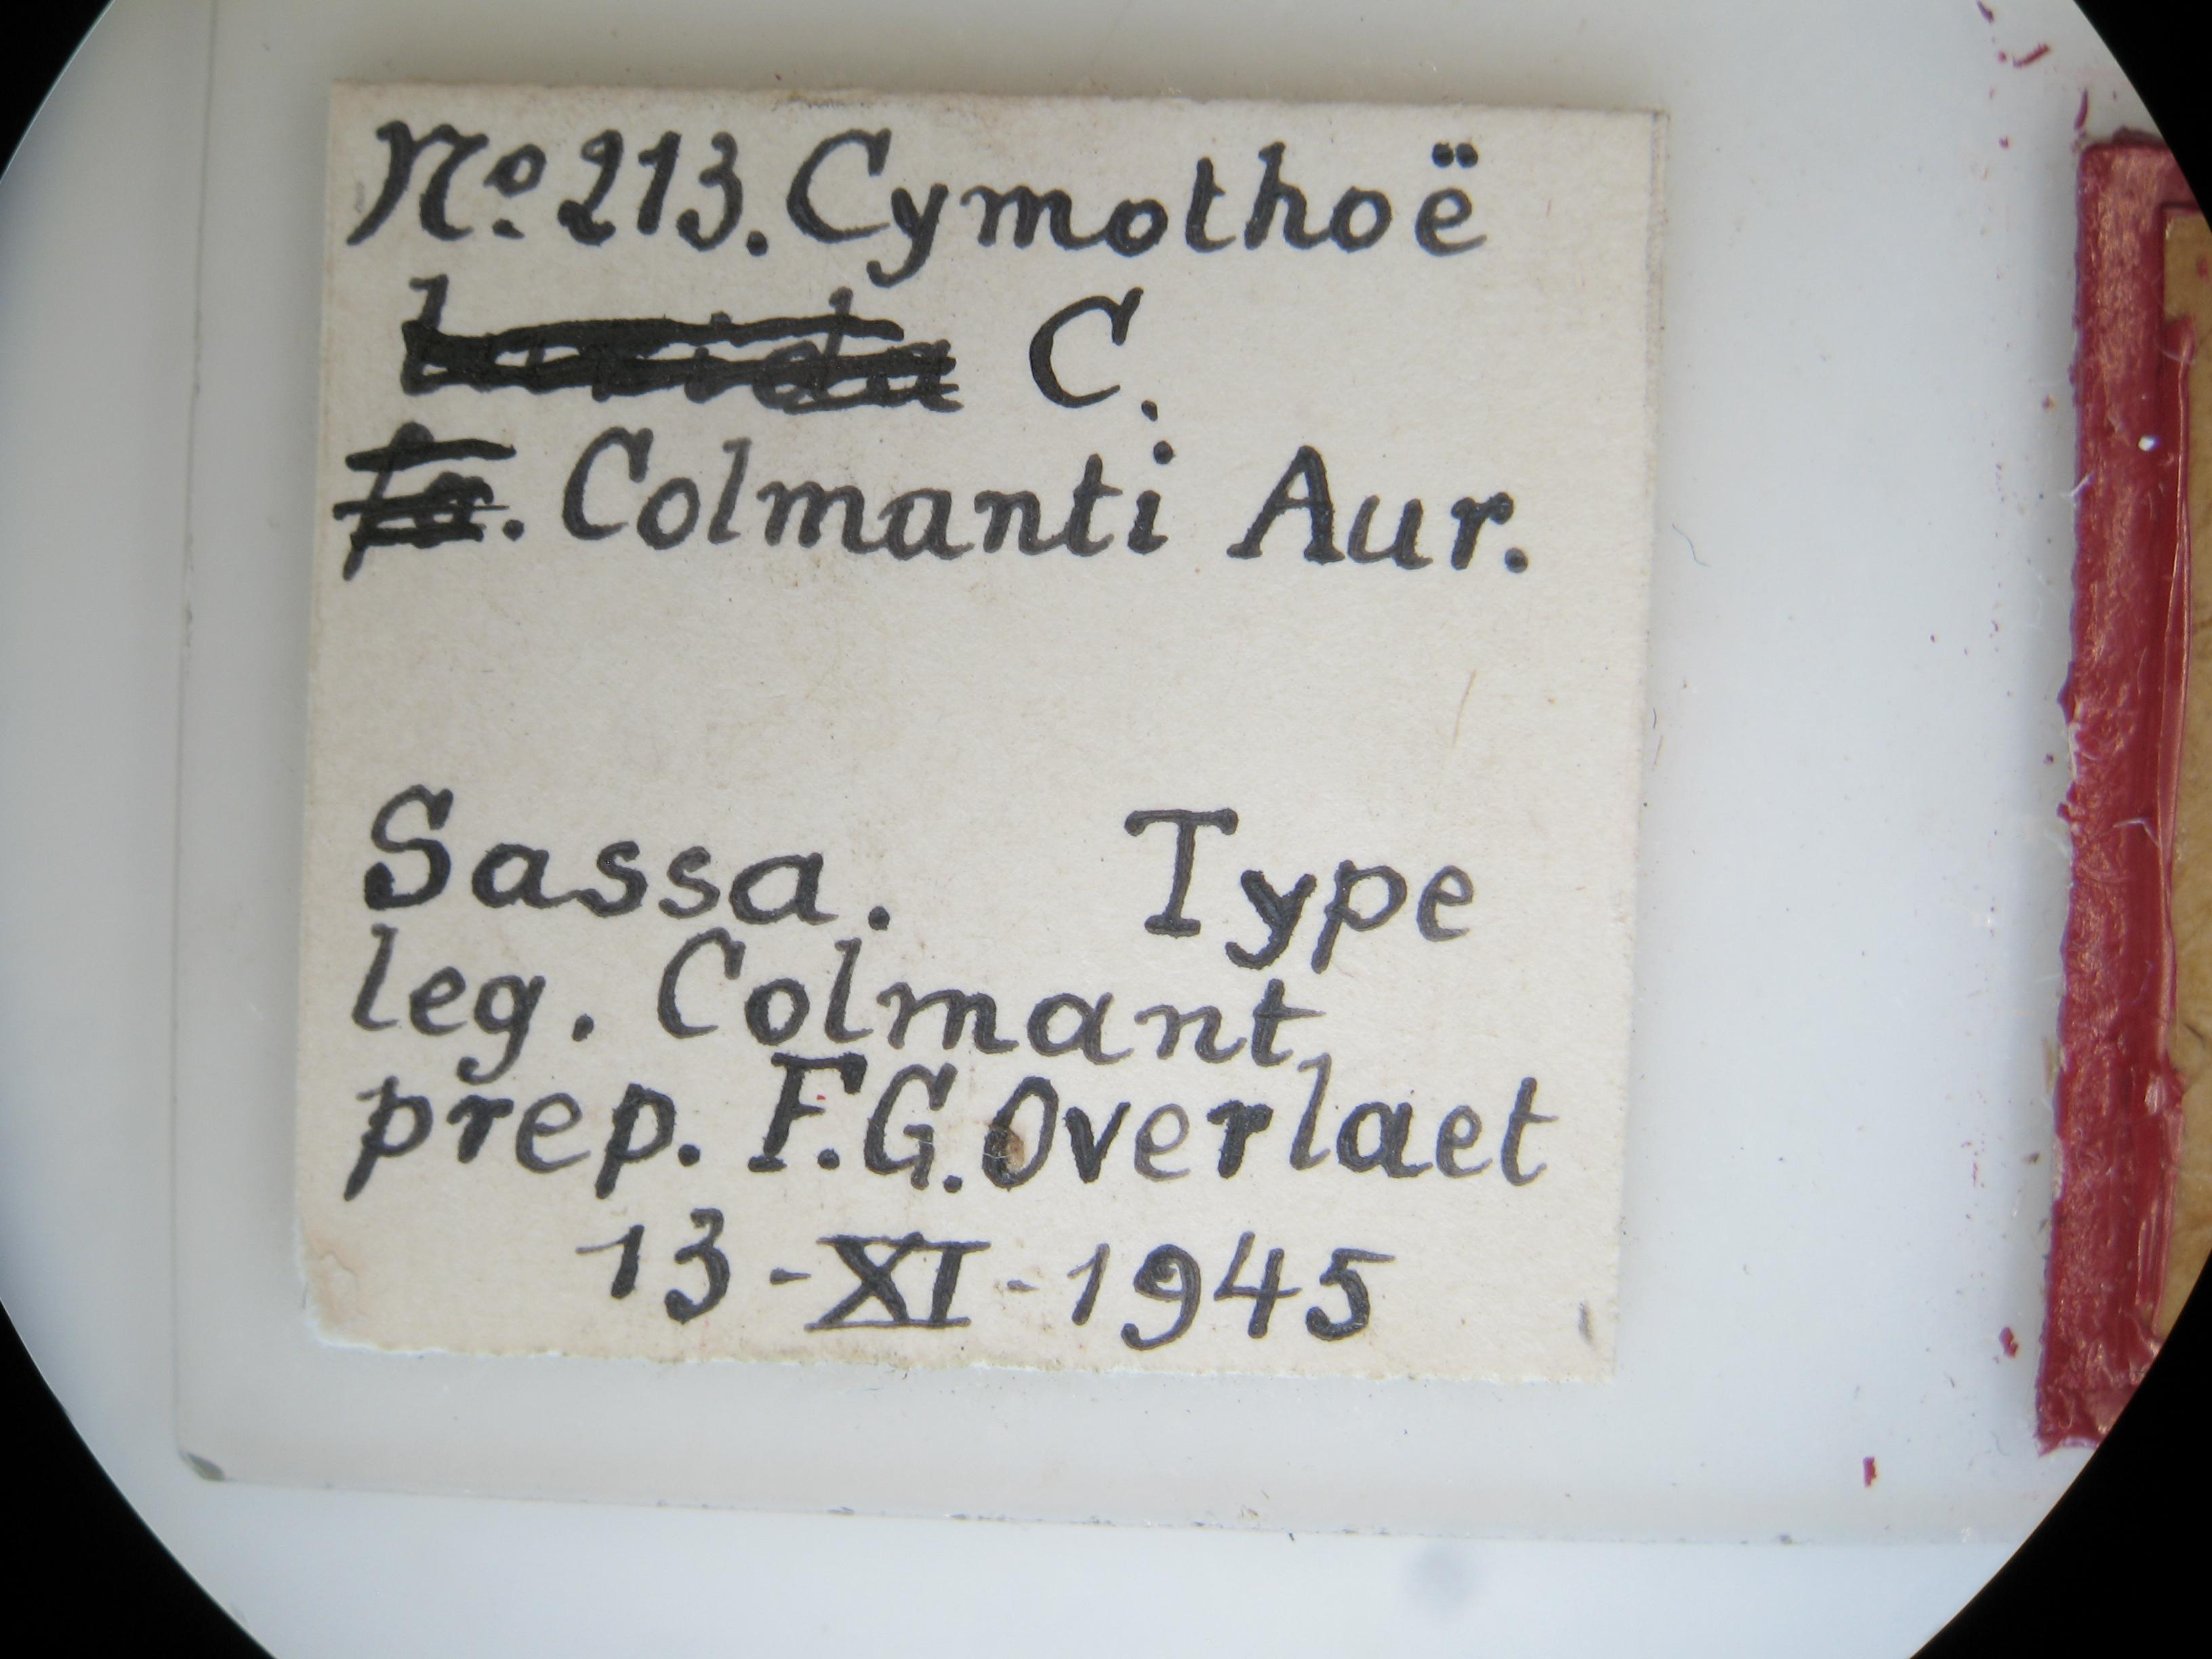 Cymothoe colmanti ht M G Lb2.JPG